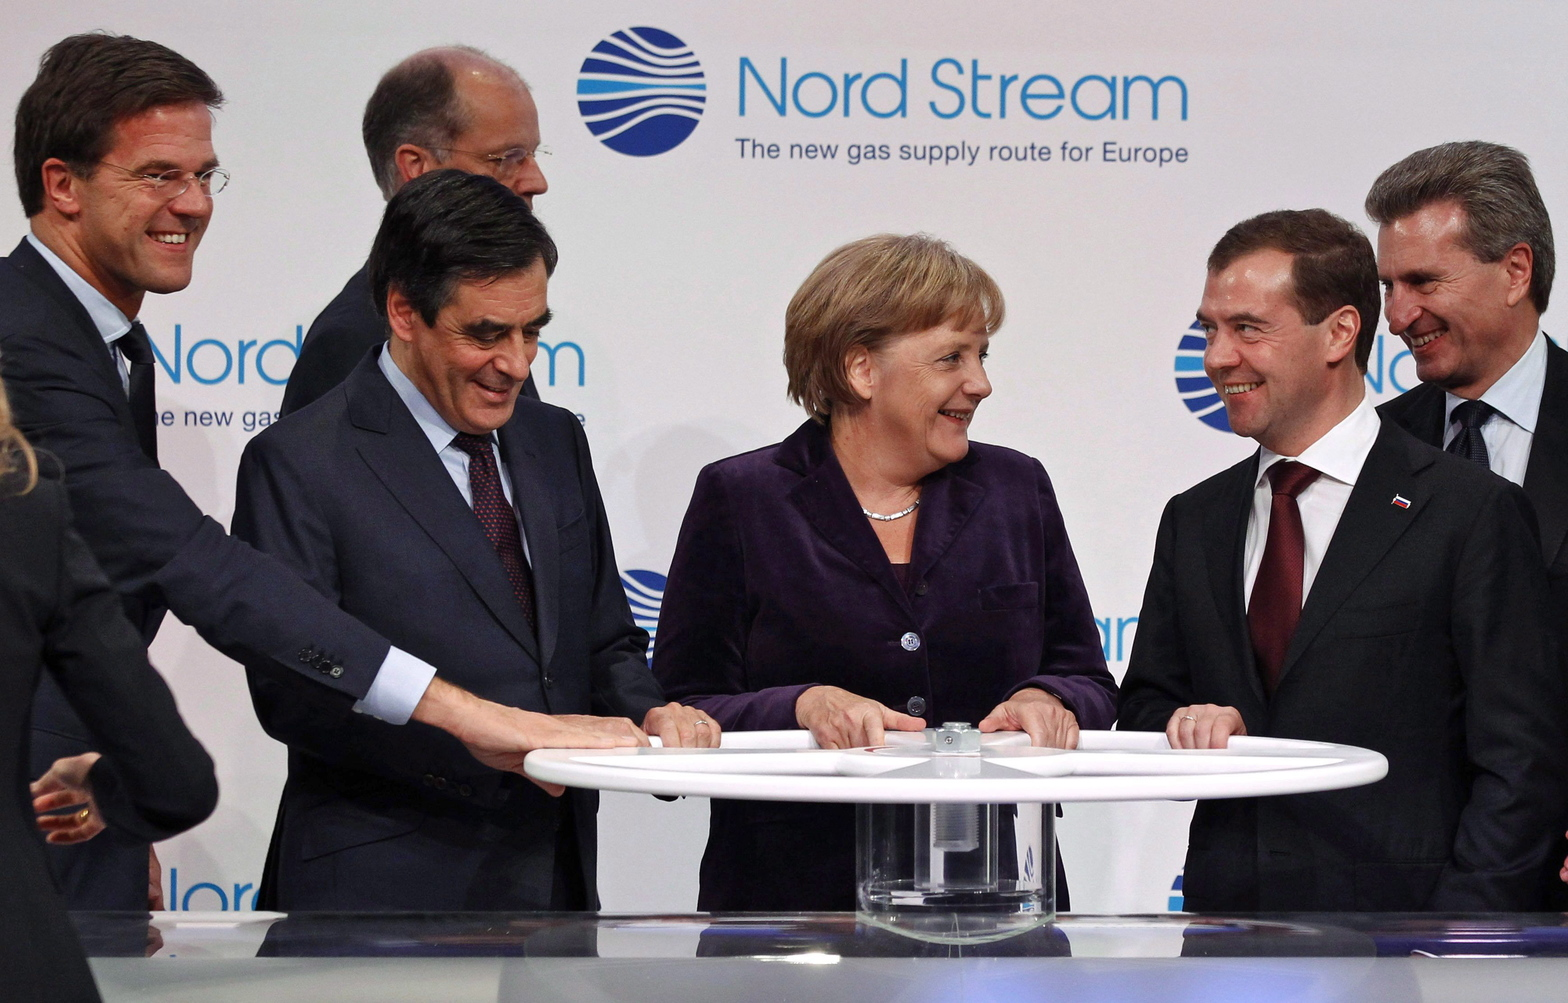 Mark RUTTE holland miniszterelnök, Francois FILLON francia miniszterelnök, Angela MERKEL német kancellár és Dmitrij MEDVEGYEV orosz elnök (b-j) szimbolikusan megnyitja a Nord Stream (Északi Áramlat) elnevezésű, a Balti-tenger alatt Oroszország és Németország között futó gázvezetéket Lubminban, Németországban. A vezeték közvetlenül összeköti a német és nyugat-európai gázhálózatot a világ egyik legnagyobb földgázmezőjével. (MTI/EPA/RIA NOVOSTI/Dmitrij Asztakov)